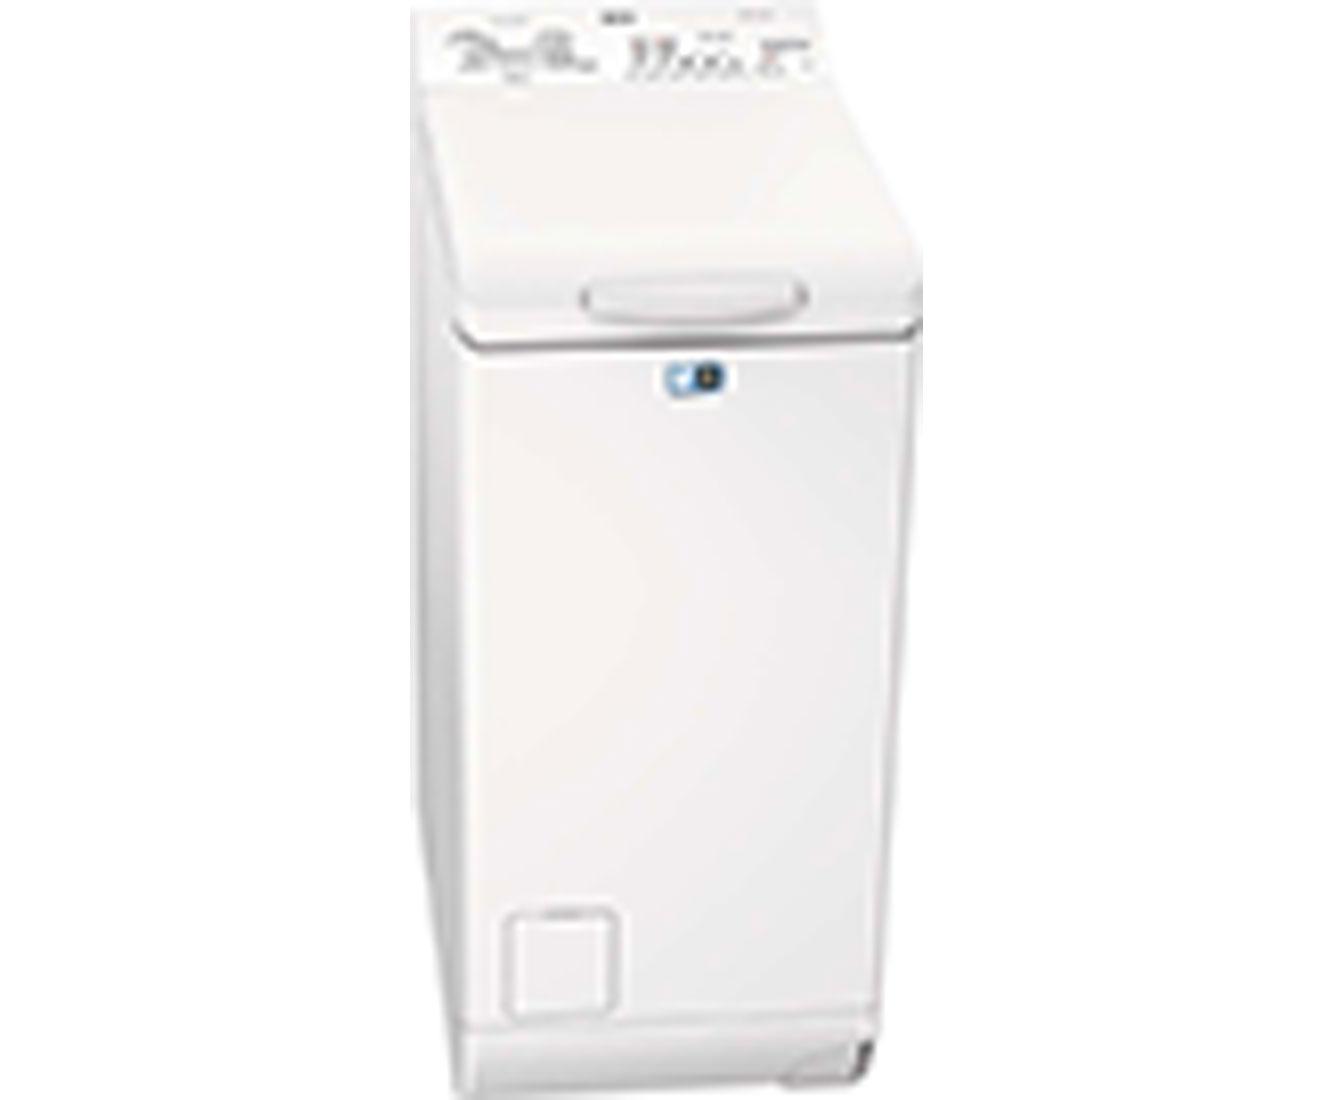 AEG Lavamat L51260TL Waschmaschinen - Weiss